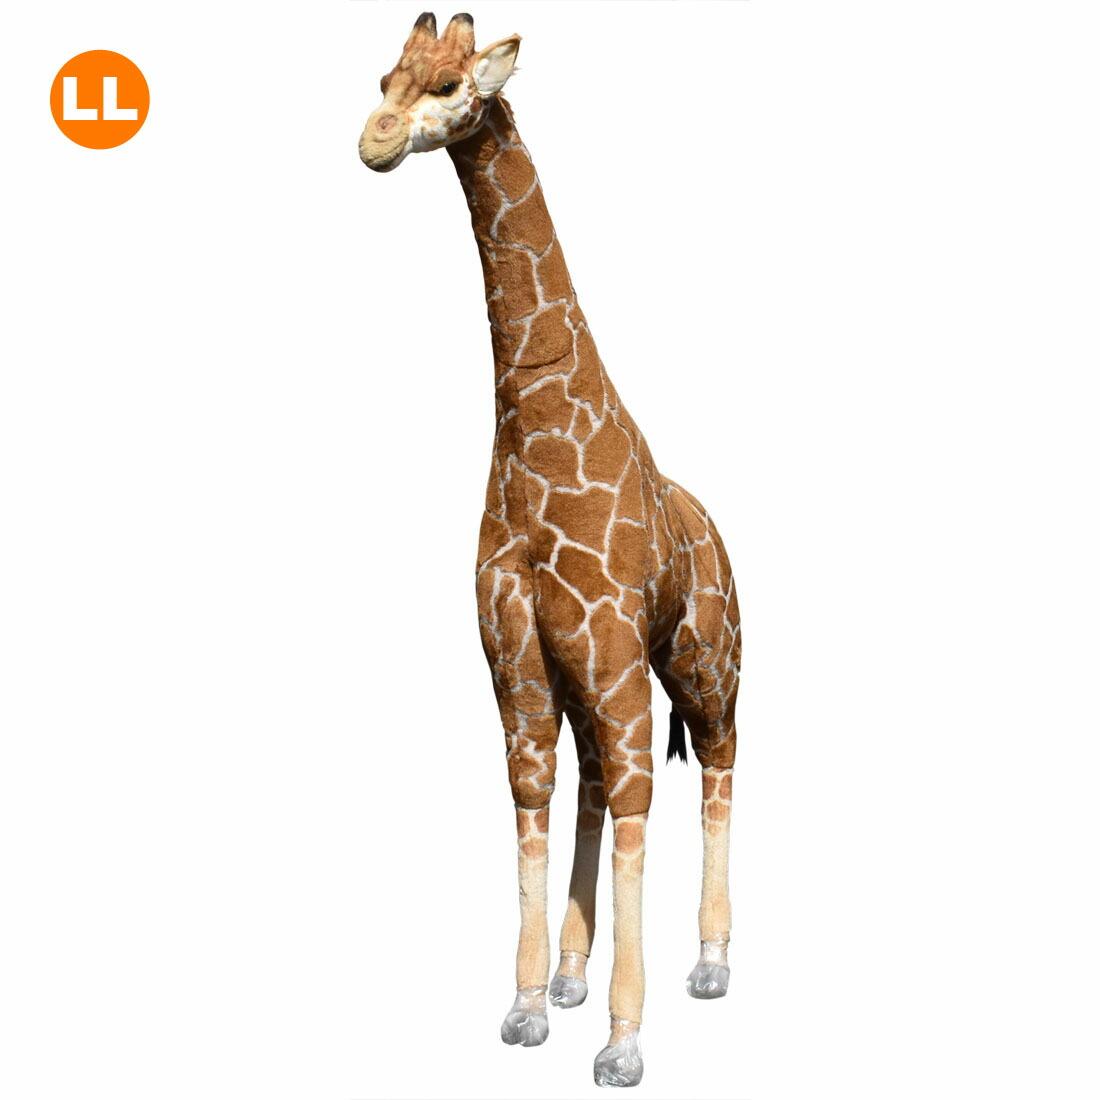 好きに ハンサ 168cm HANSA キリン GIRAFFE キリン 168cm GIRAFFE, ミリタリーWAIPER:22f0c390 --- sturmhofman.nl